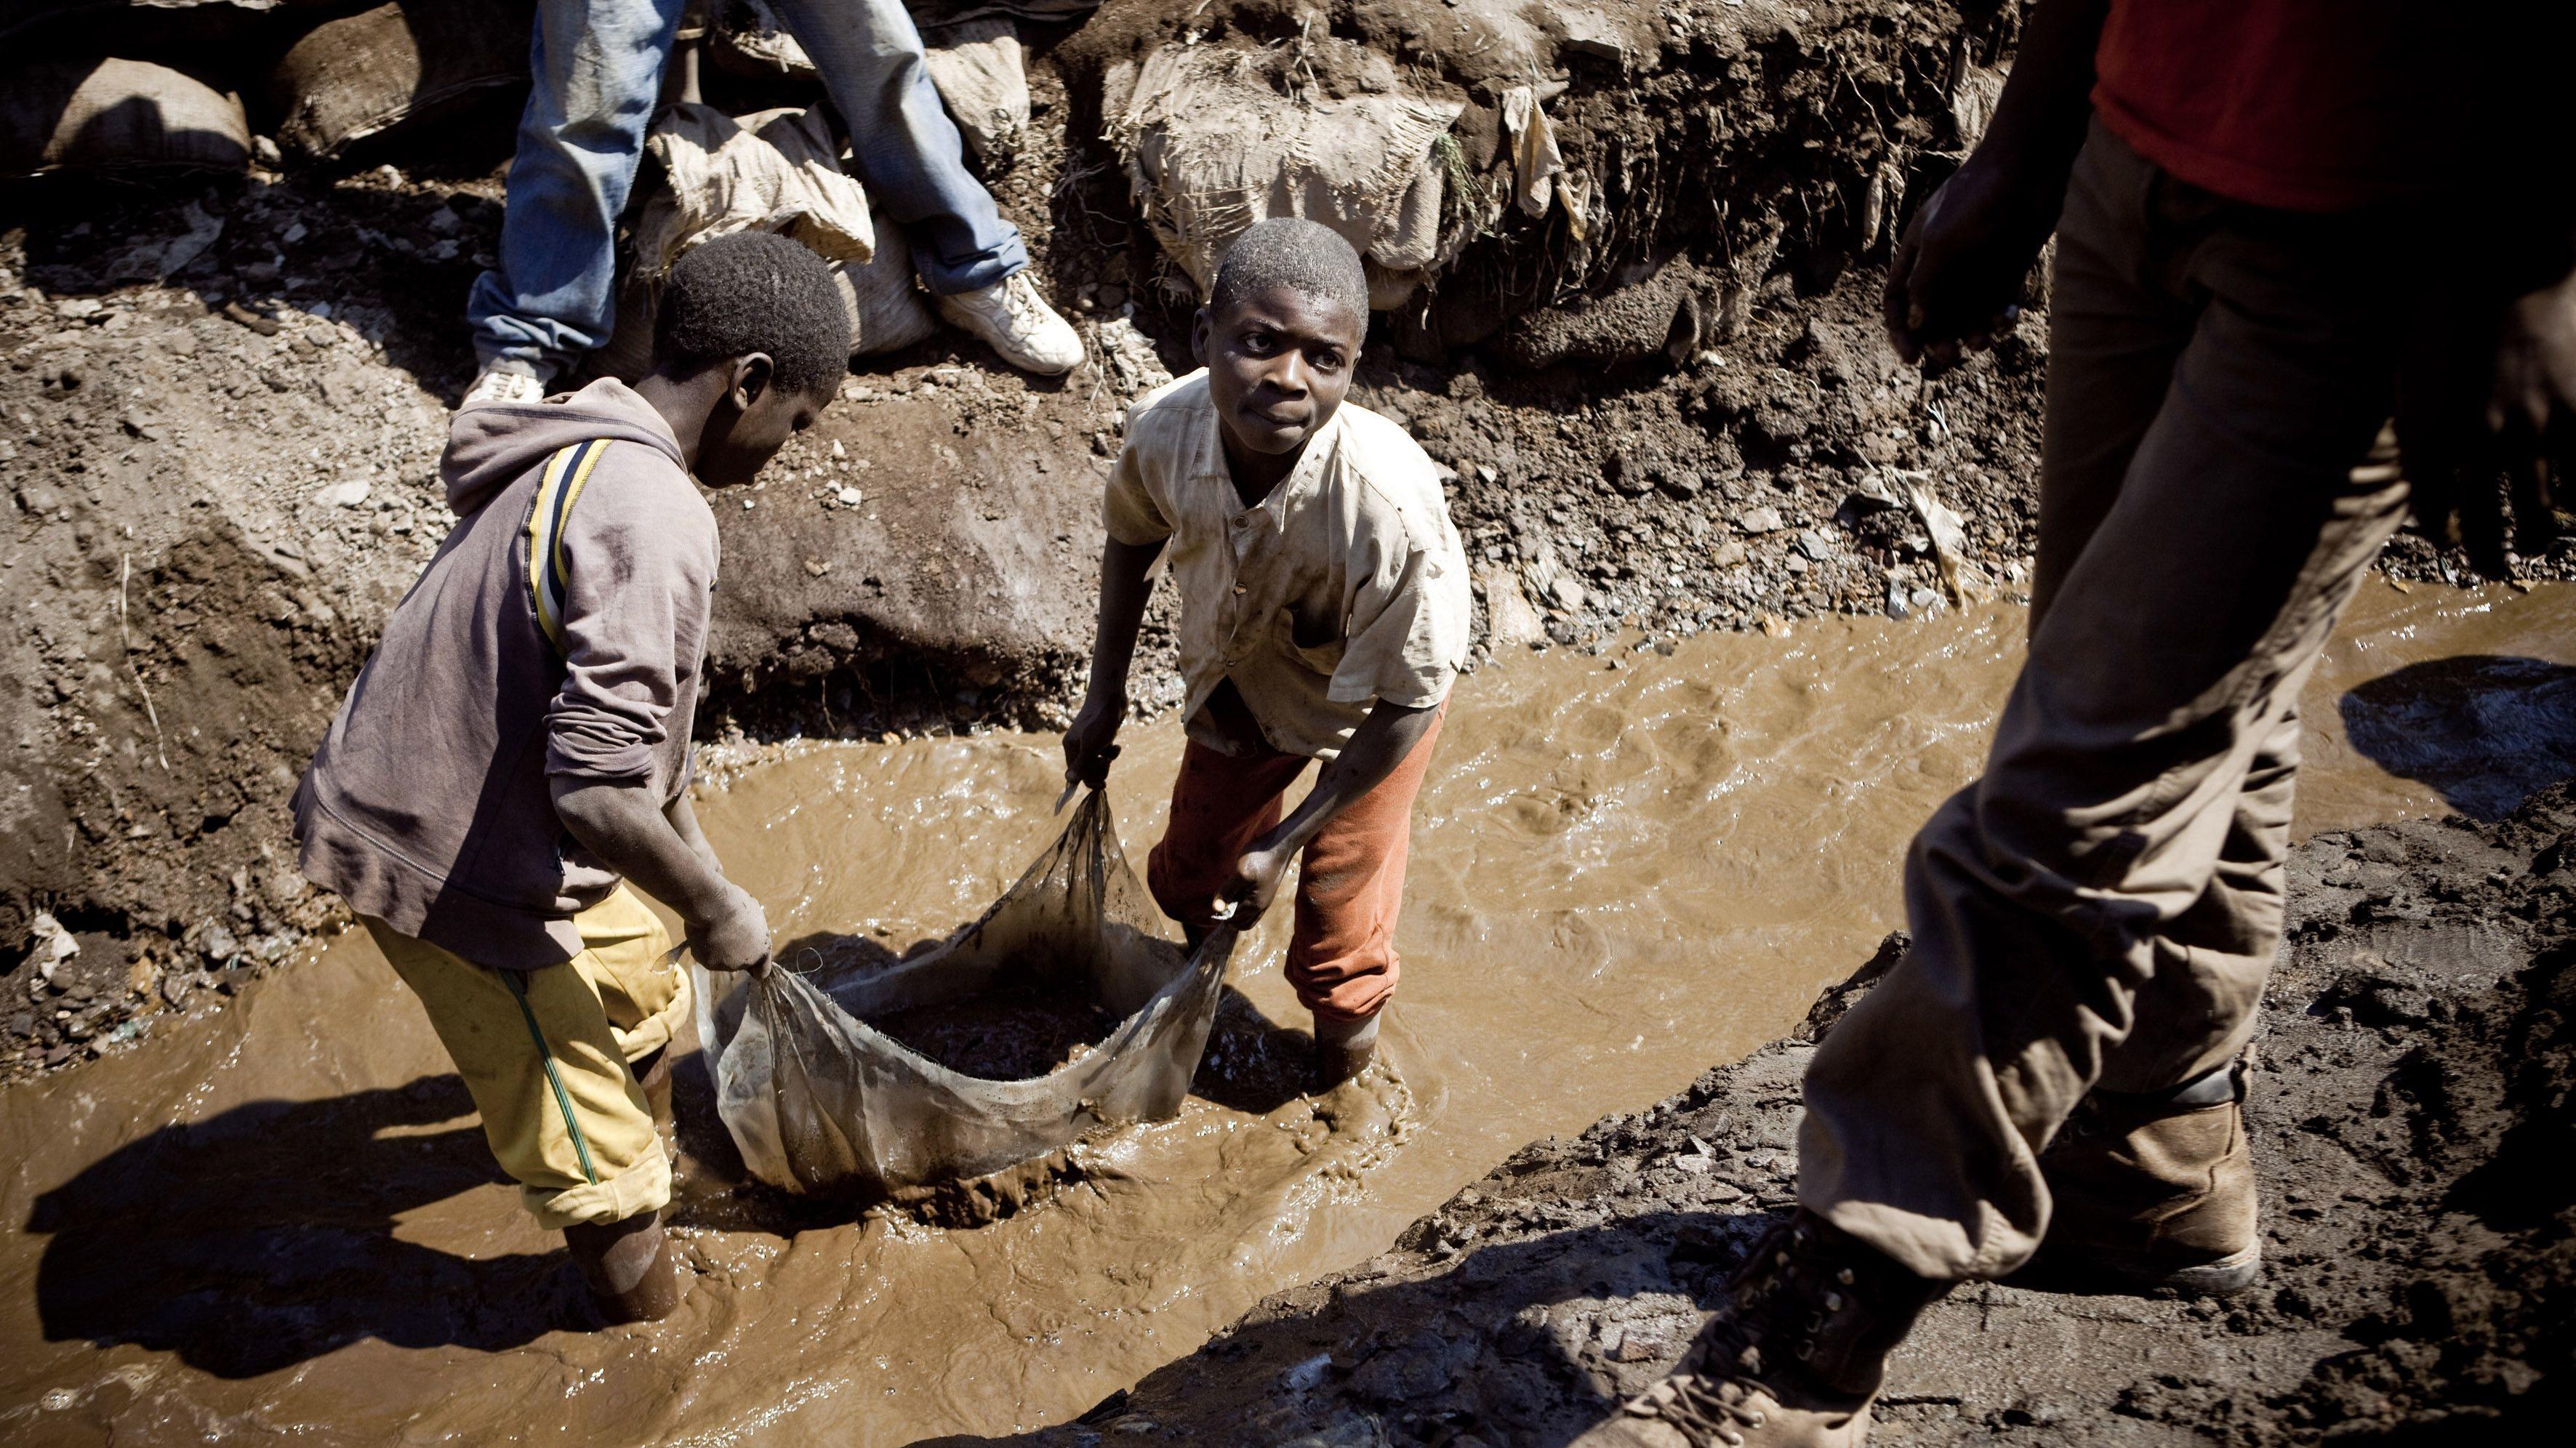 W kopalniach kobaltu umierają dzieci. Pozew przeciwko technologicznym gigantom - Wiadomości